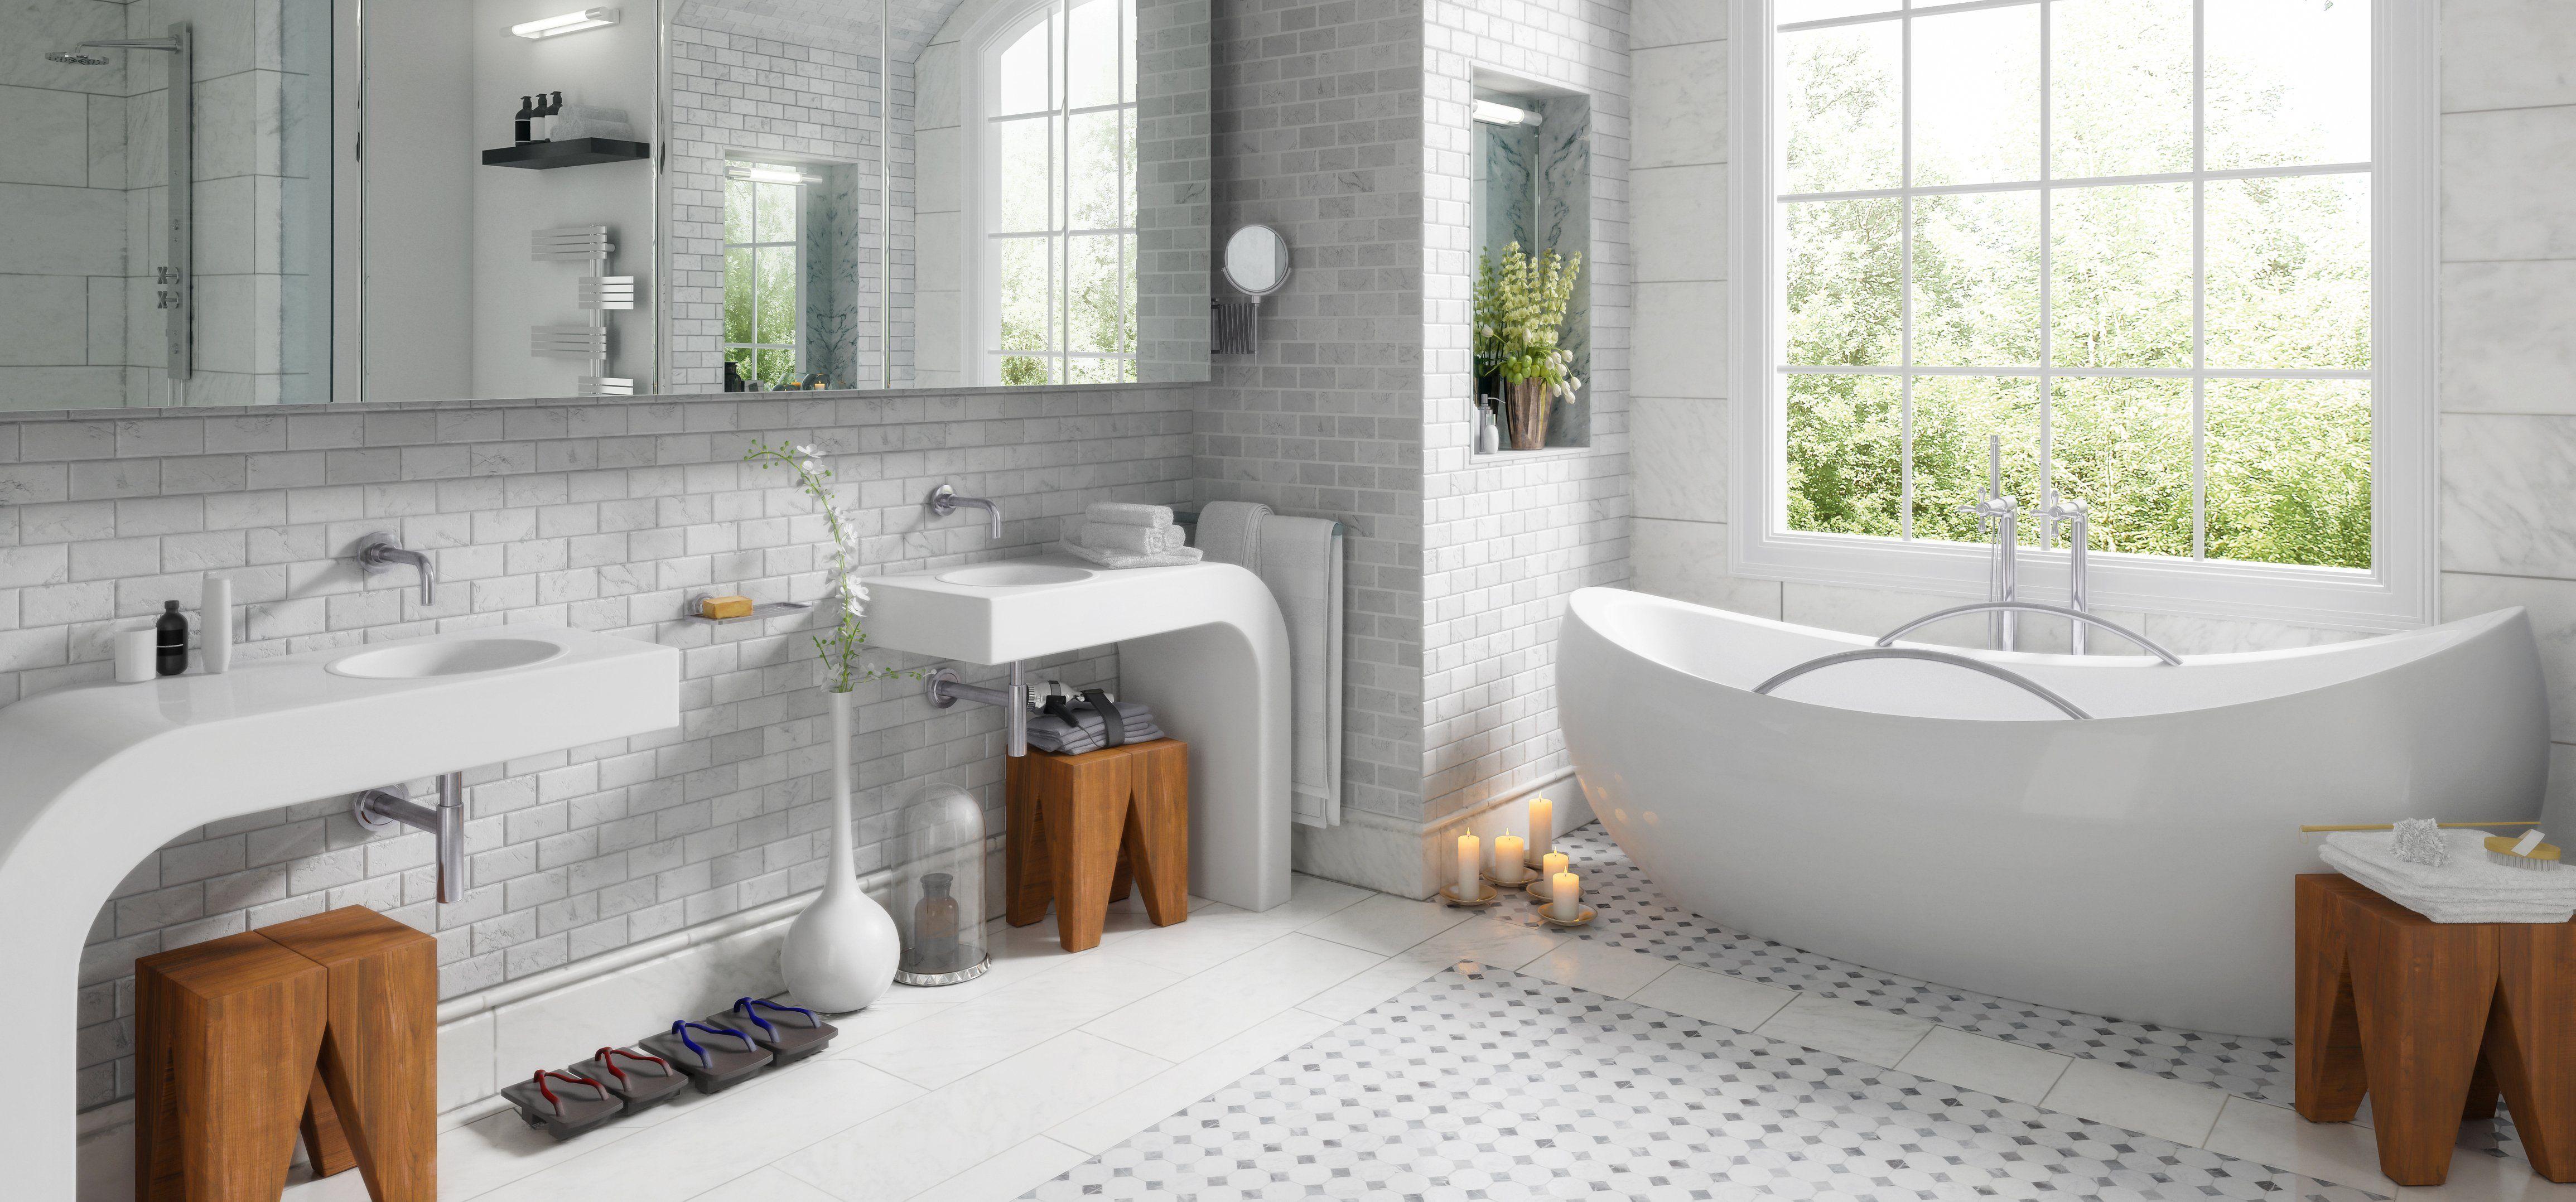 Kosten Fur Die Badsanierung Badsanierung Sanierung Badezimmer Design